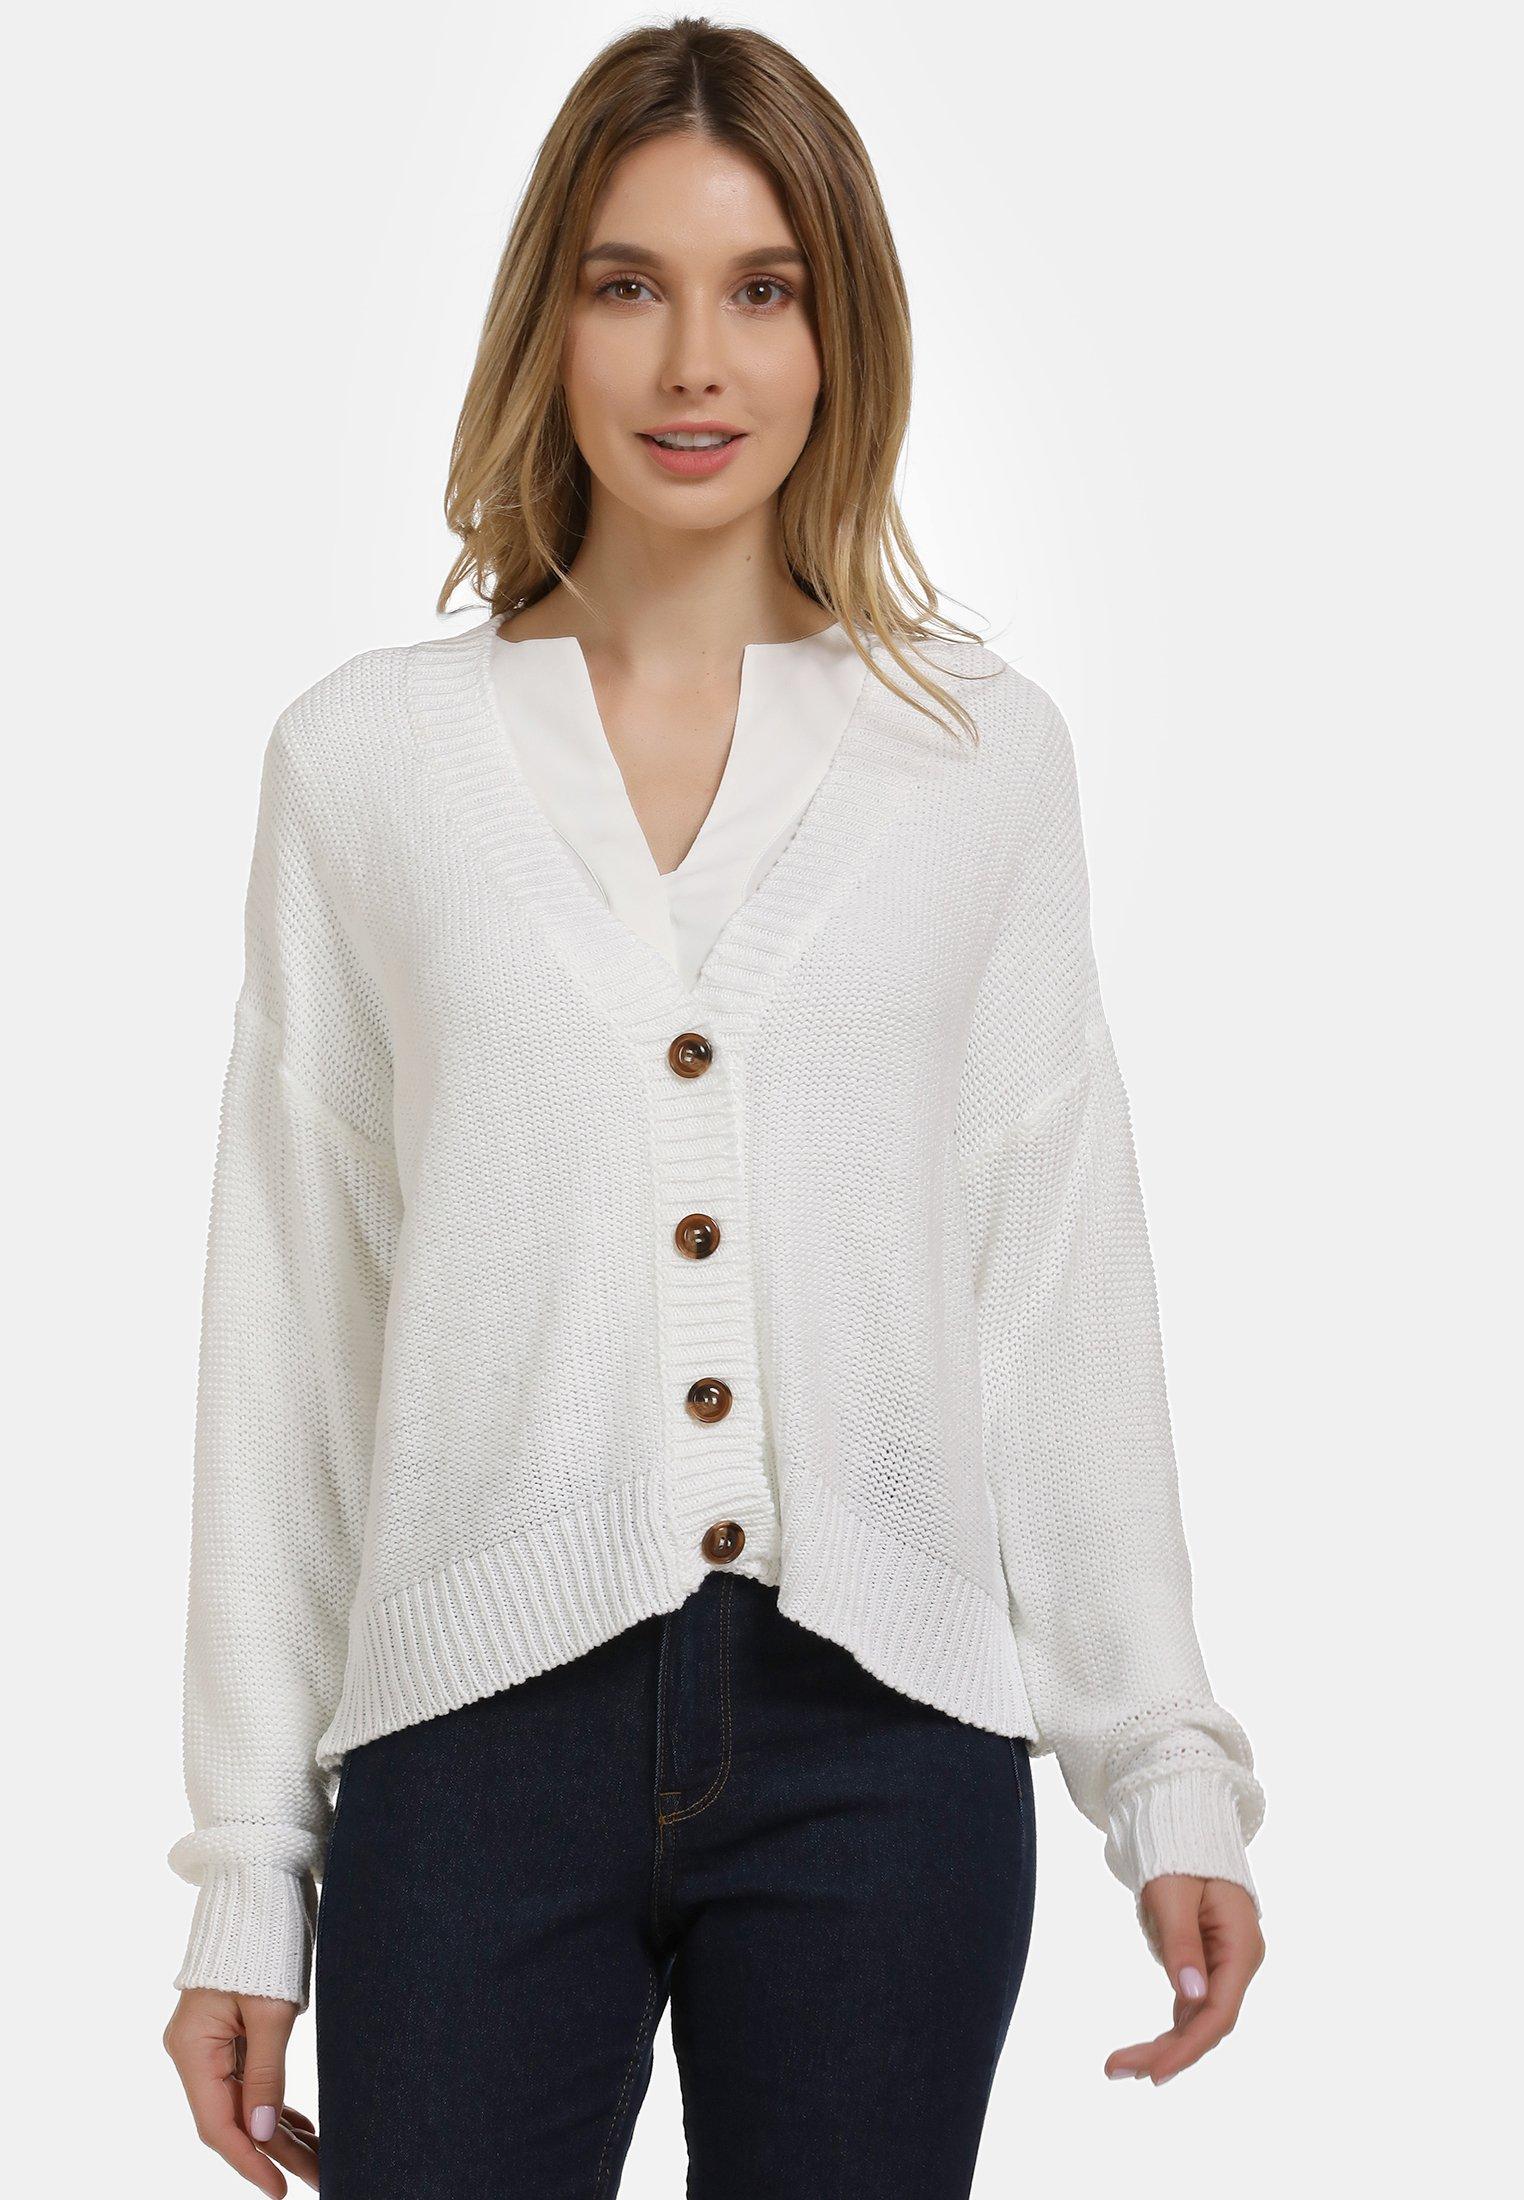 New Style Women's Clothing usha Cardigan white Behzgcgxn